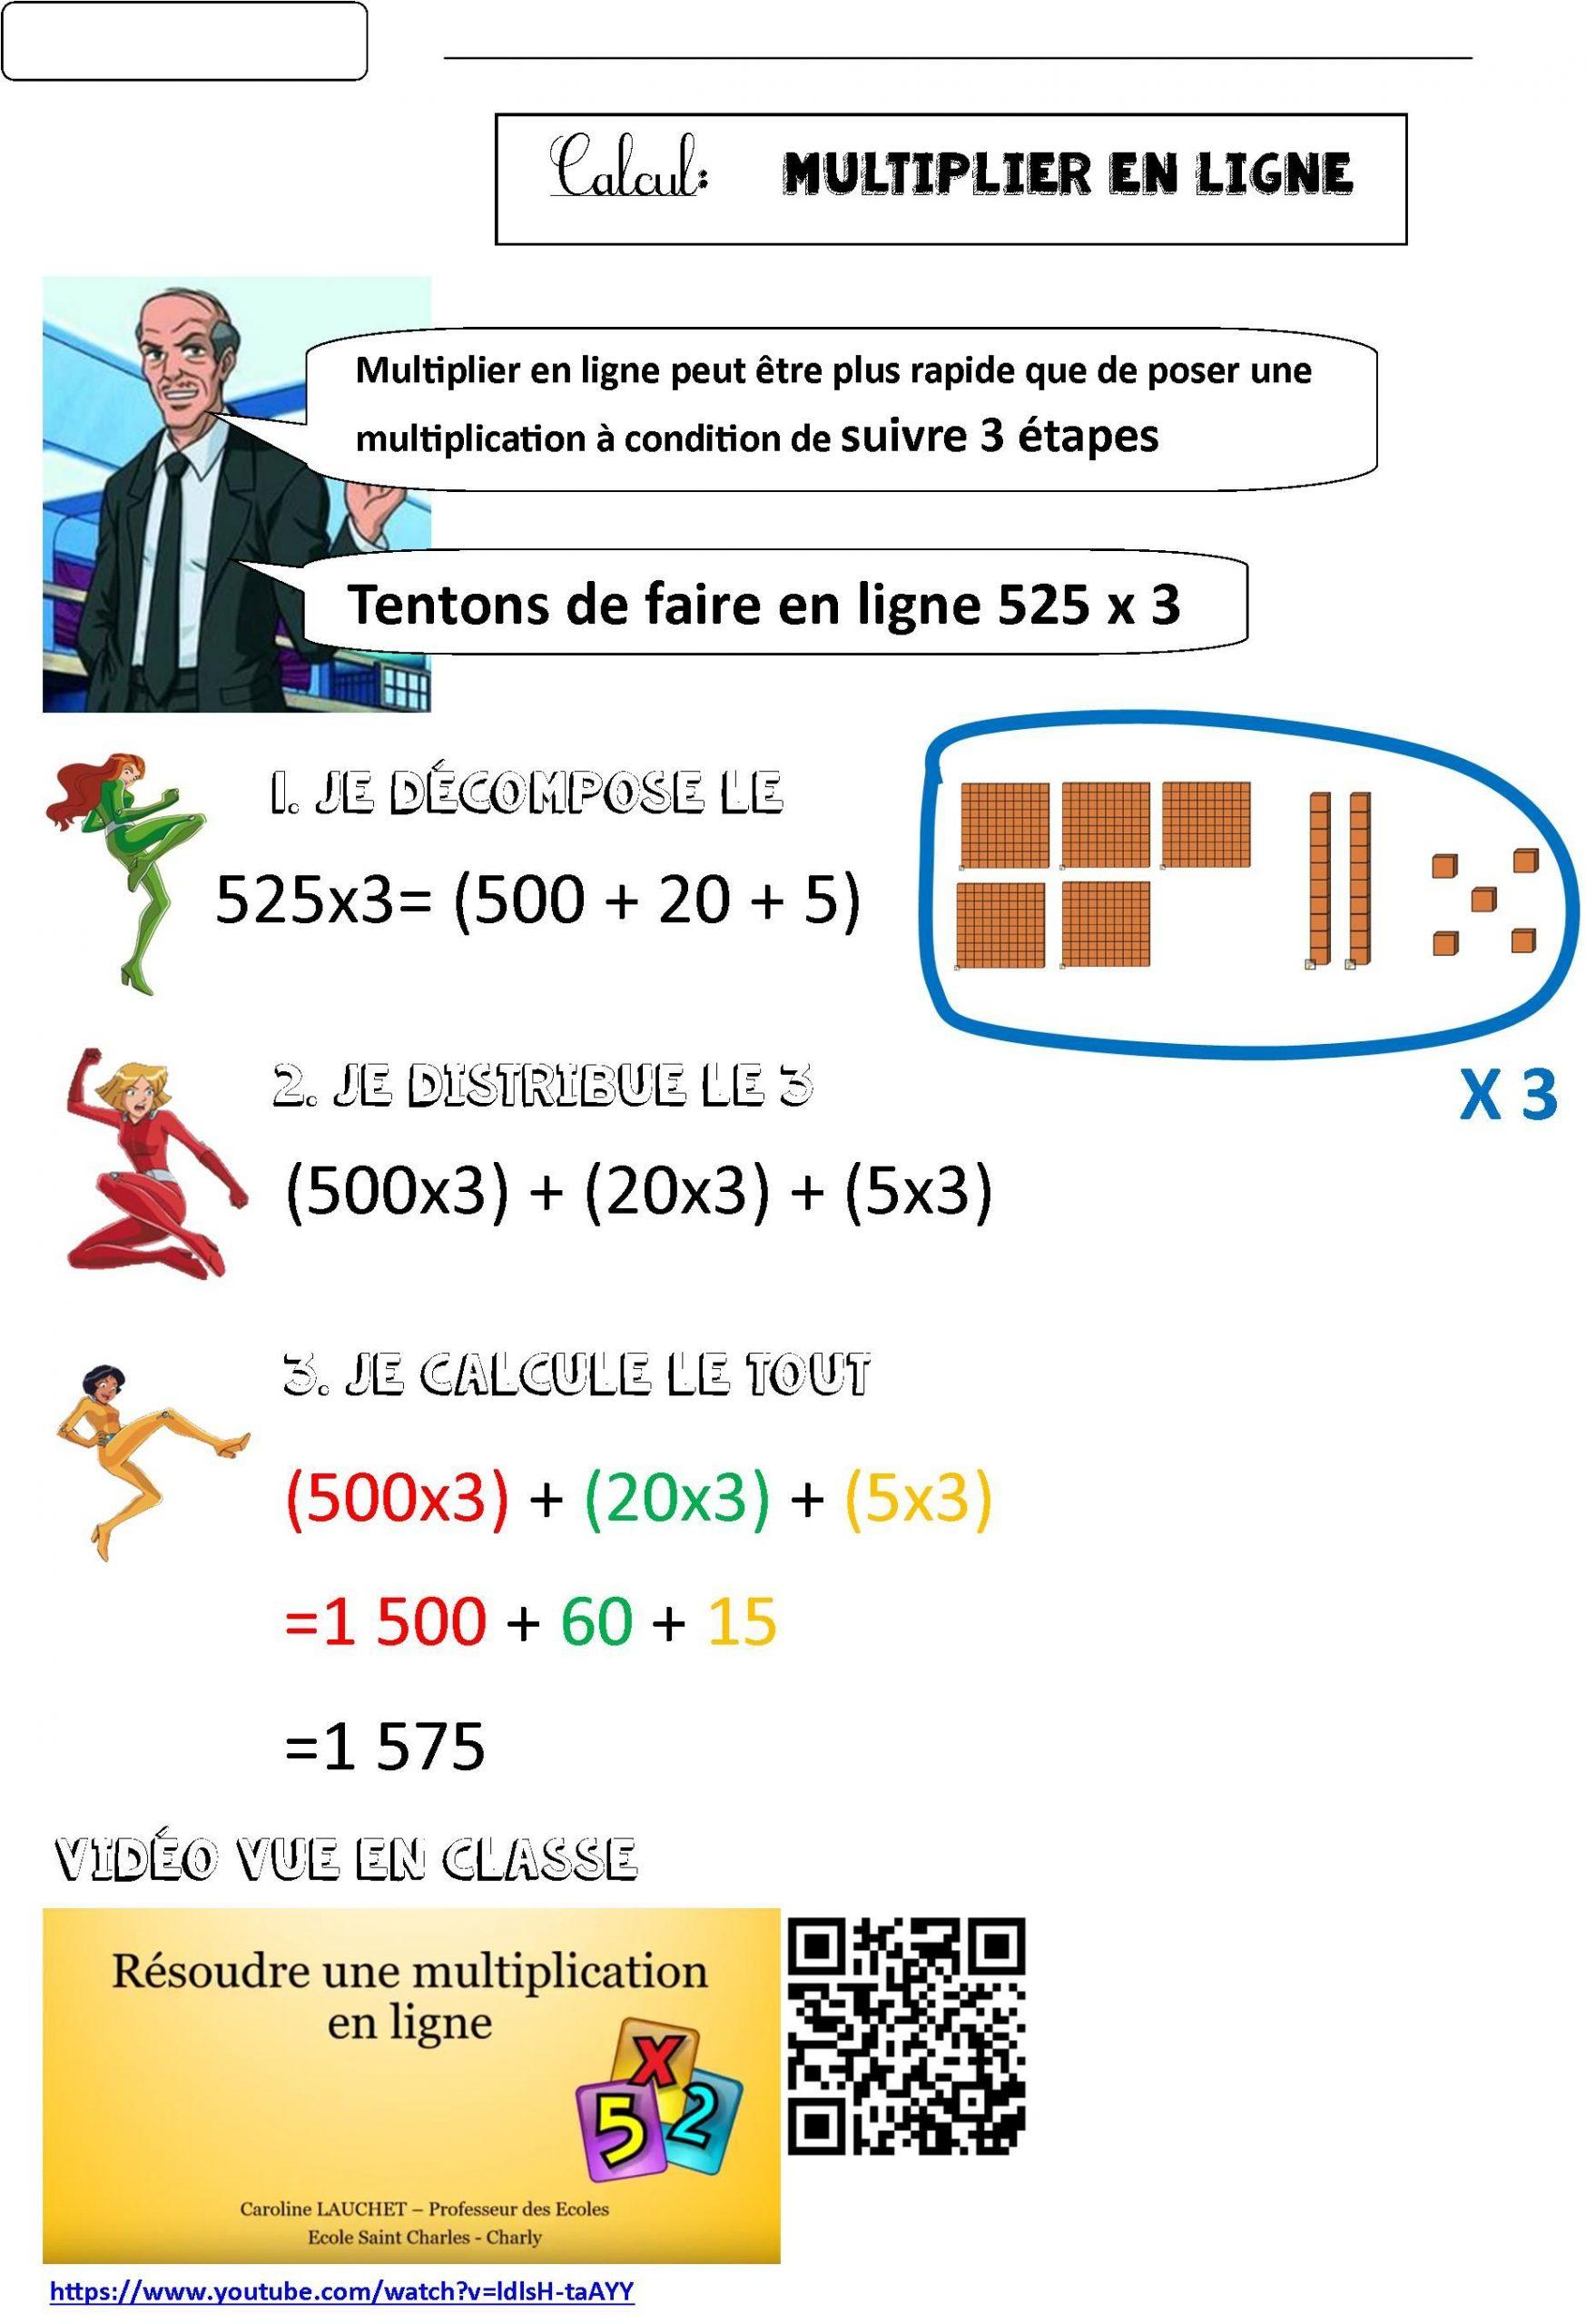 Épinglé Par Amati Allia Sur Éducation | Calcul Ce2 à Jeux De Calcul Ce1 En Ligne